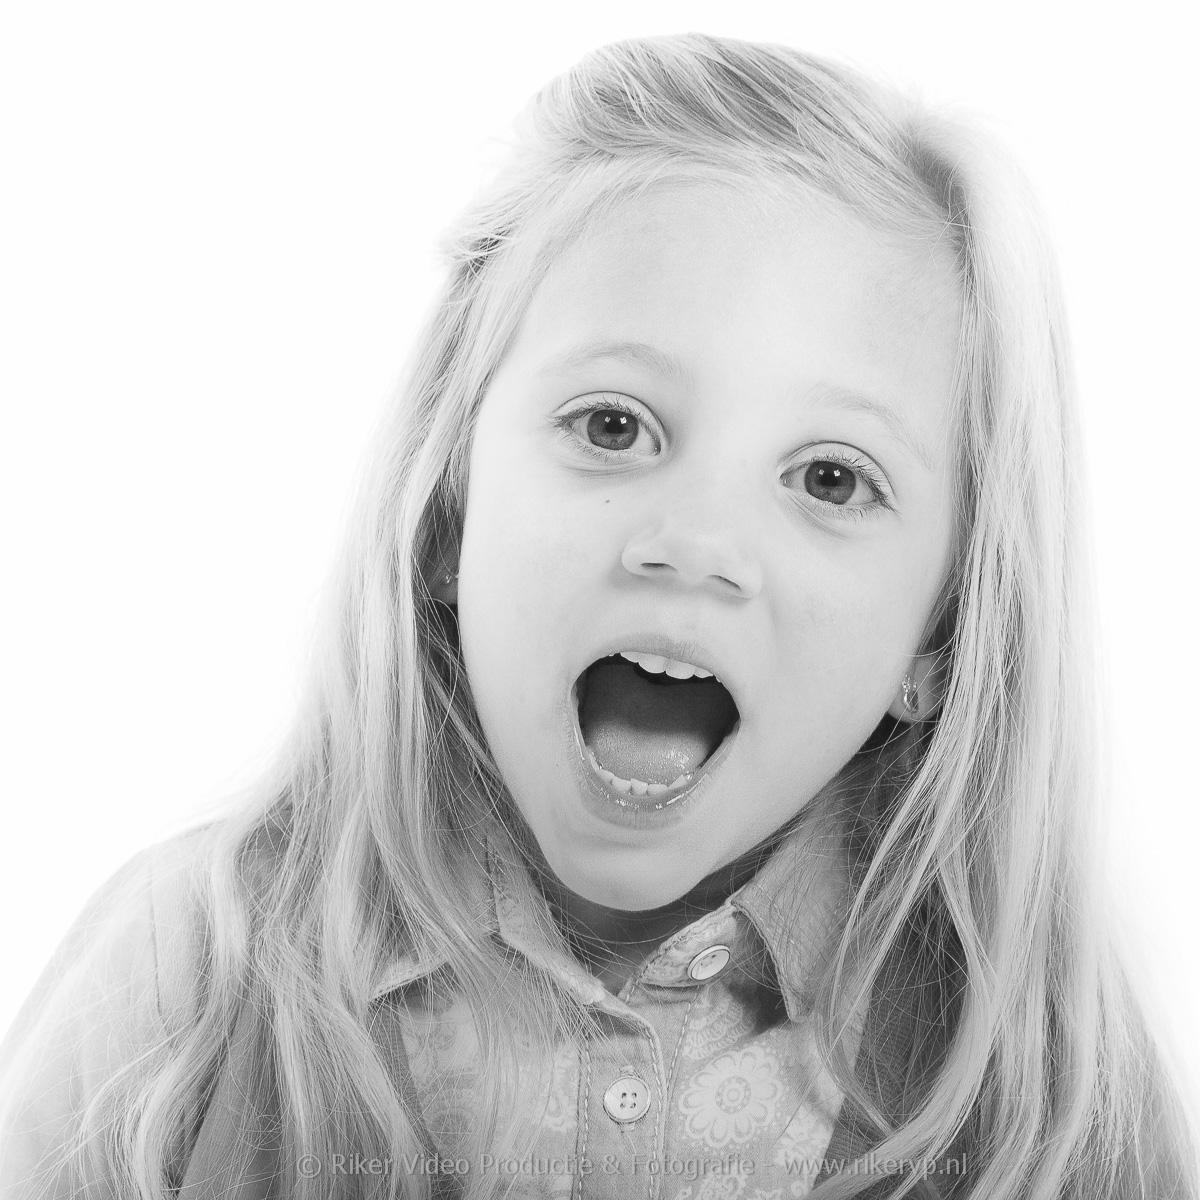 kinderfotograaf_zwijndrecht_zakelijkfotograaf_zwijndrecht_portretfografie_zwijndrecht_rotterdam_rikervp-1-33